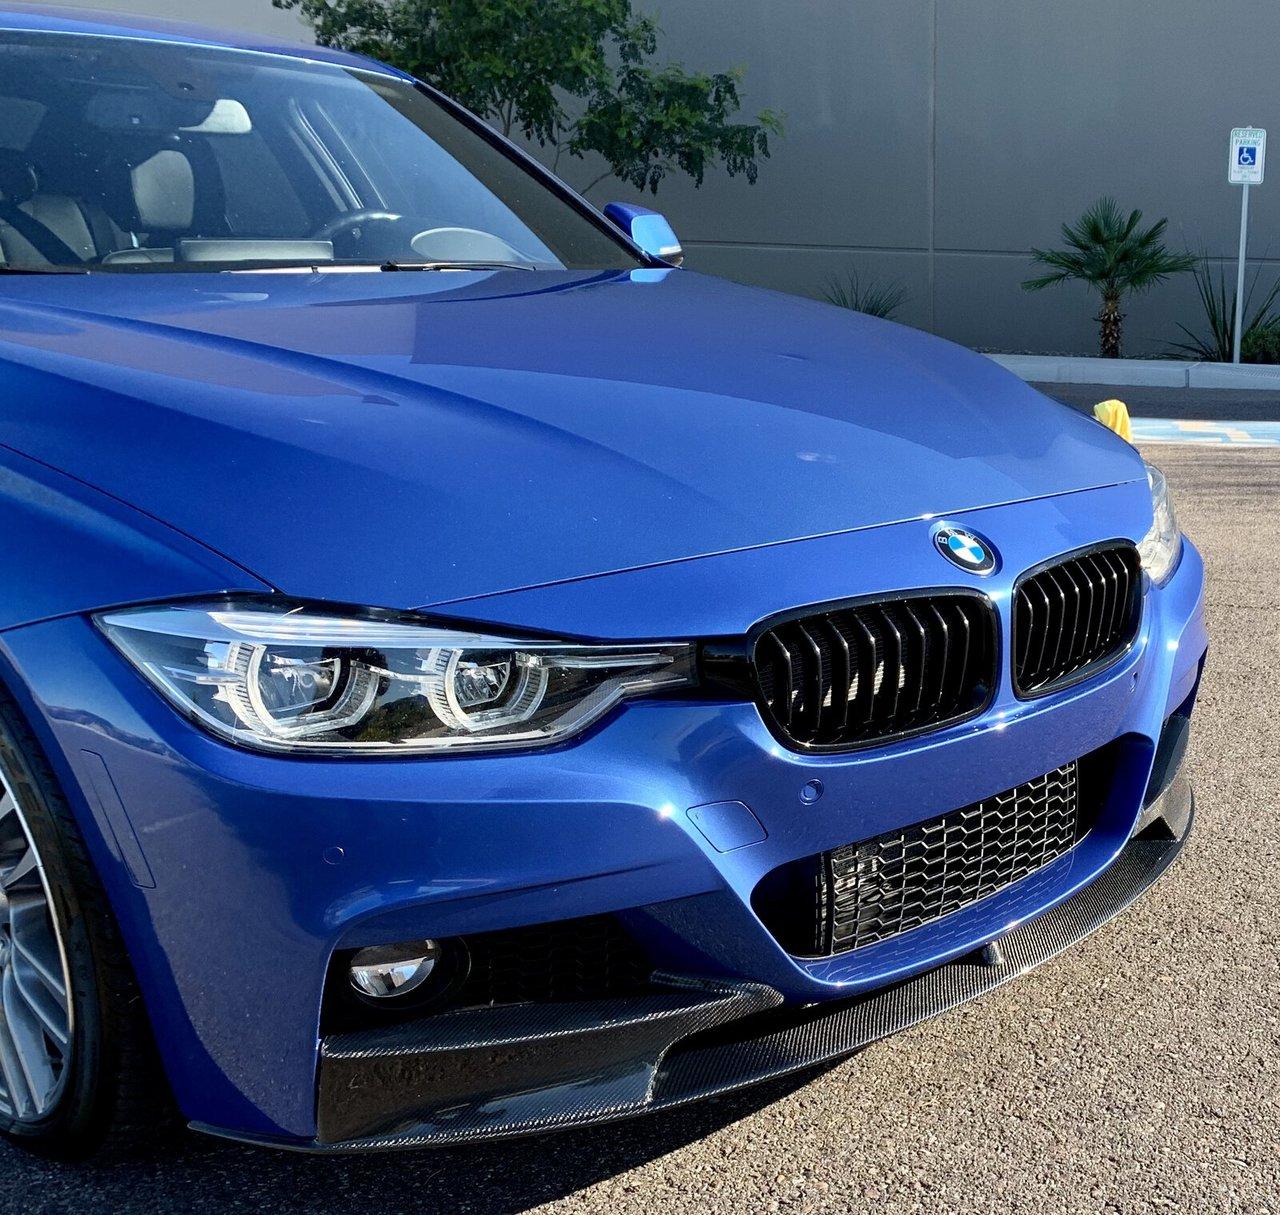 BMW_F30_328_335_340_11__18970.1584377895.1280.1280.jpg